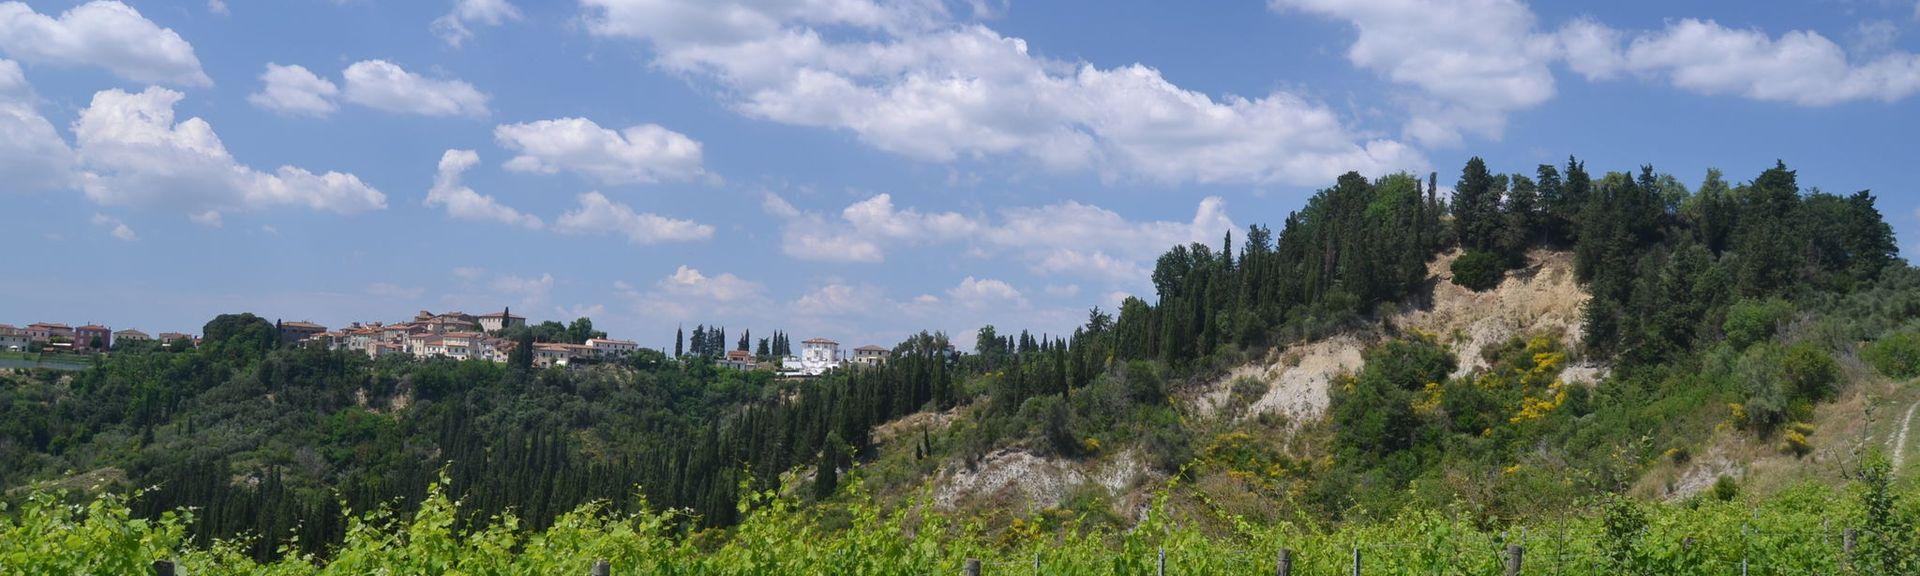 Casciana Terme Lari, Toscana, Italia